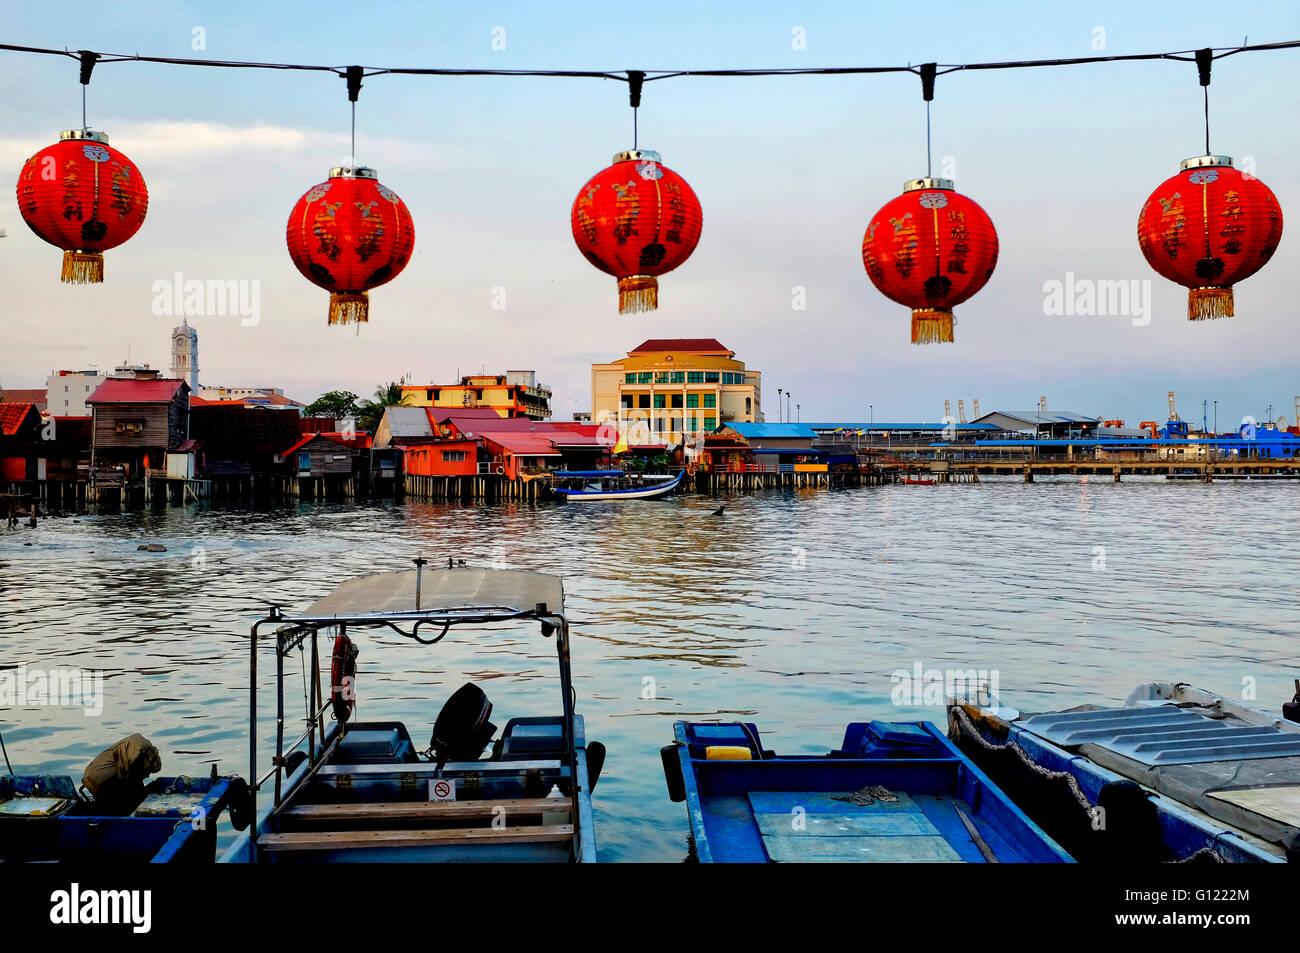 Kauen Sie, Steg, George Town, Penang, Malaysia Stockbild